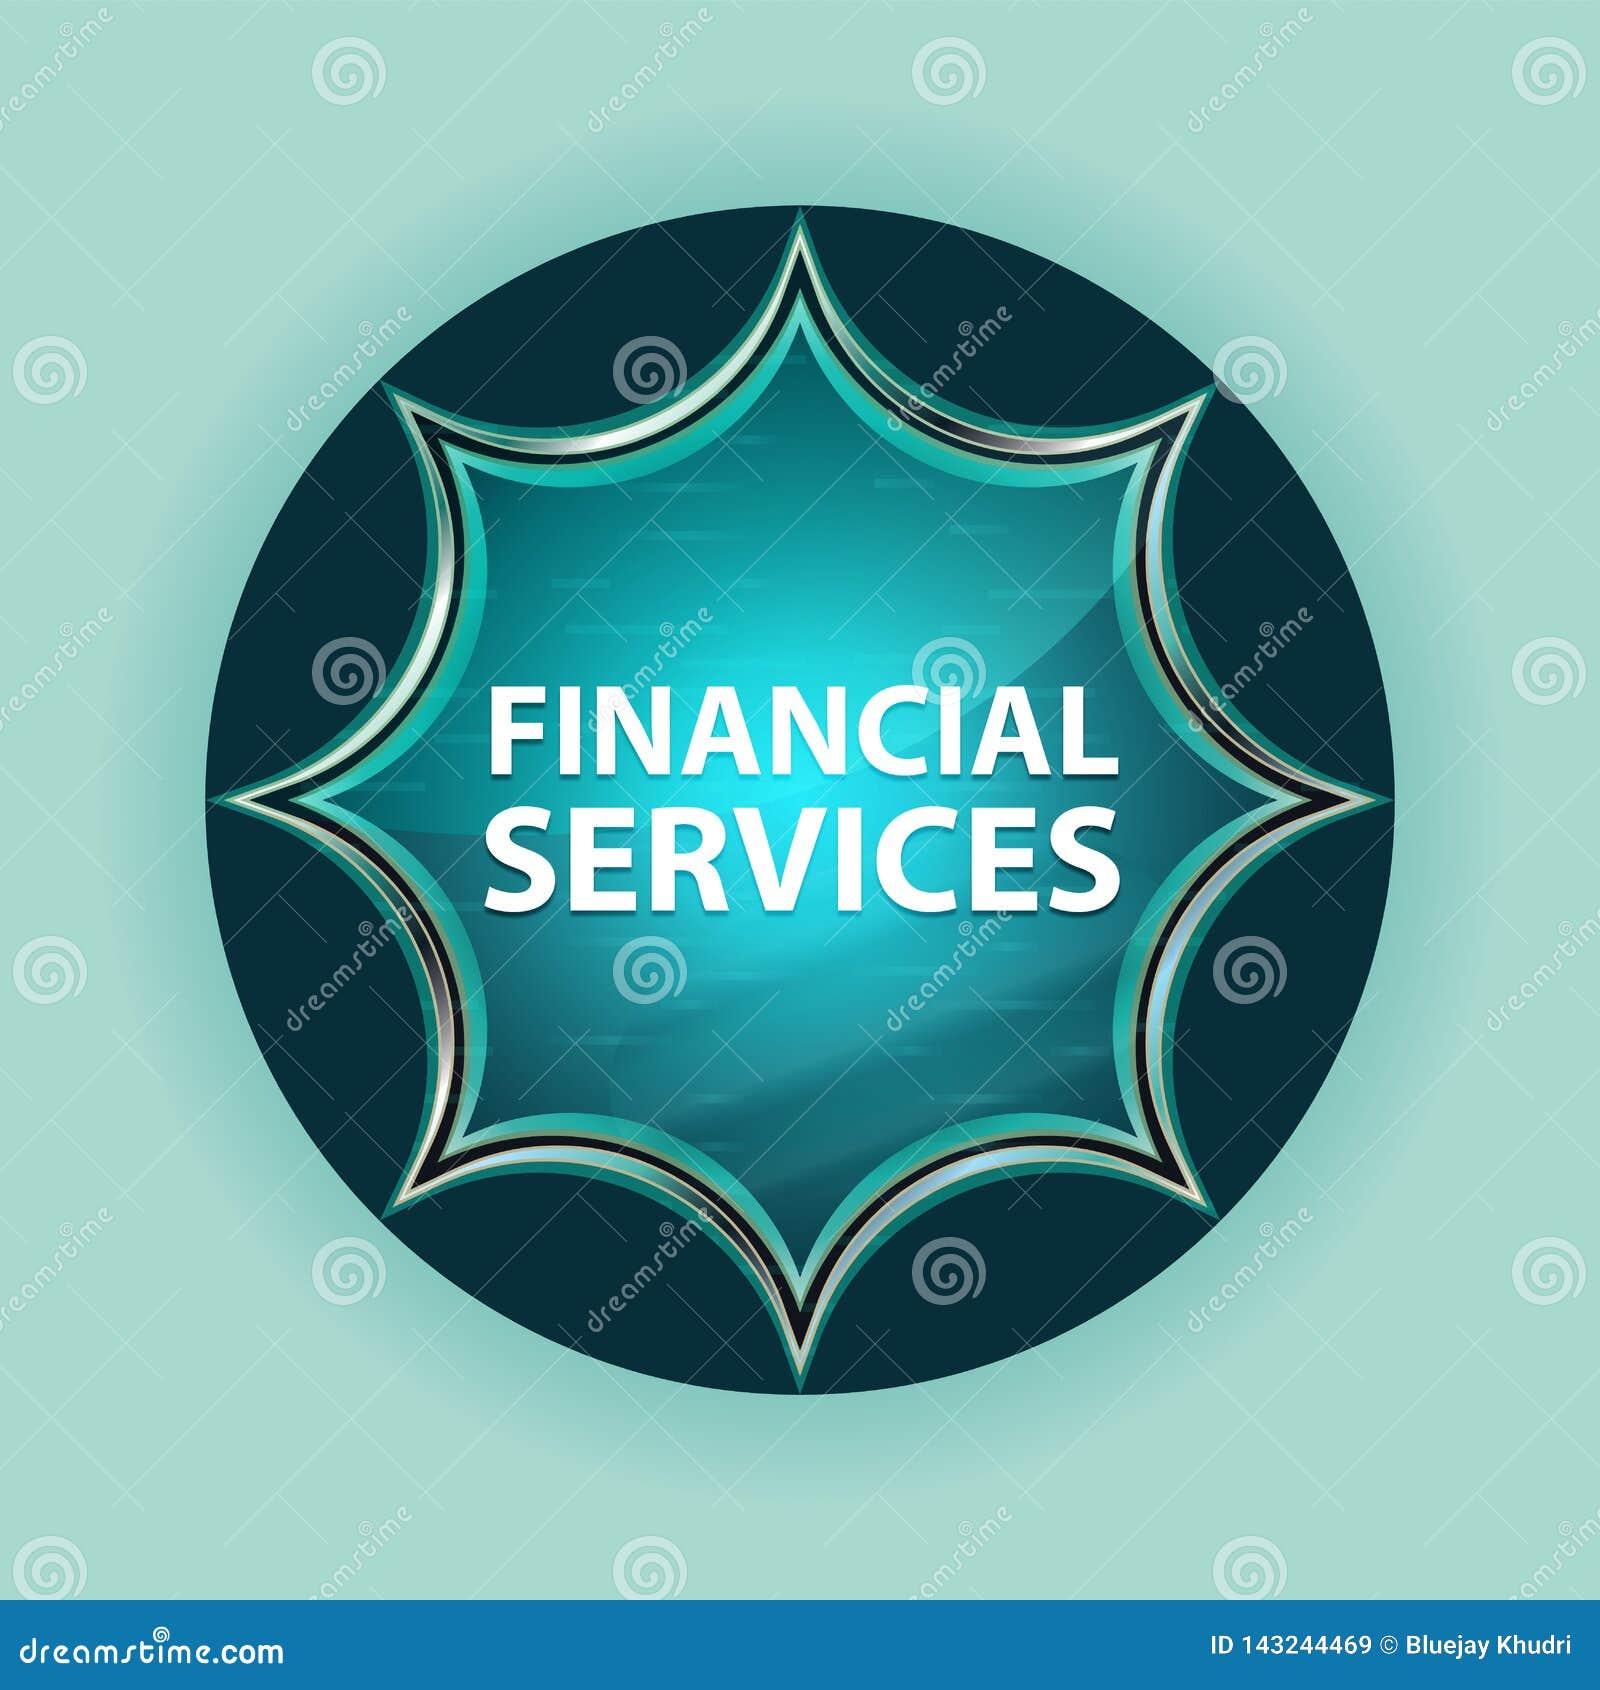 Fondo azul de azul de cielo del botón del resplandor solar vidrioso mágico de los servicios financieros